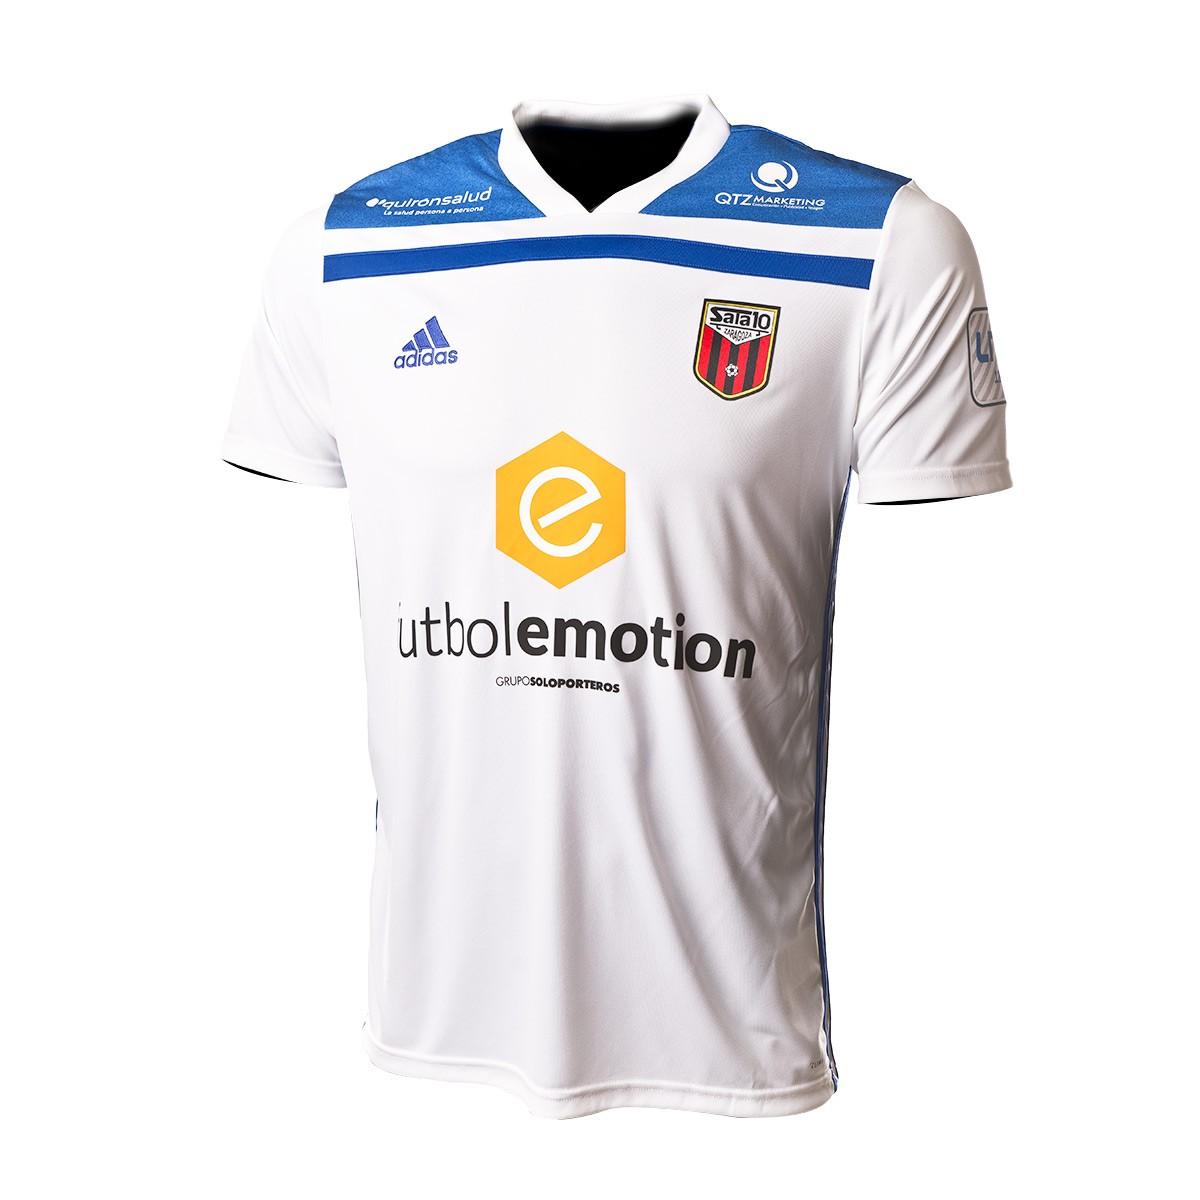 Individualidad salvar basura  Camiseta adidas Fútbol Emotion Zaragoza 1ª Equipación 18/19 Blanco-Azul  royal - Tienda de fútbol Fútbol Emotion